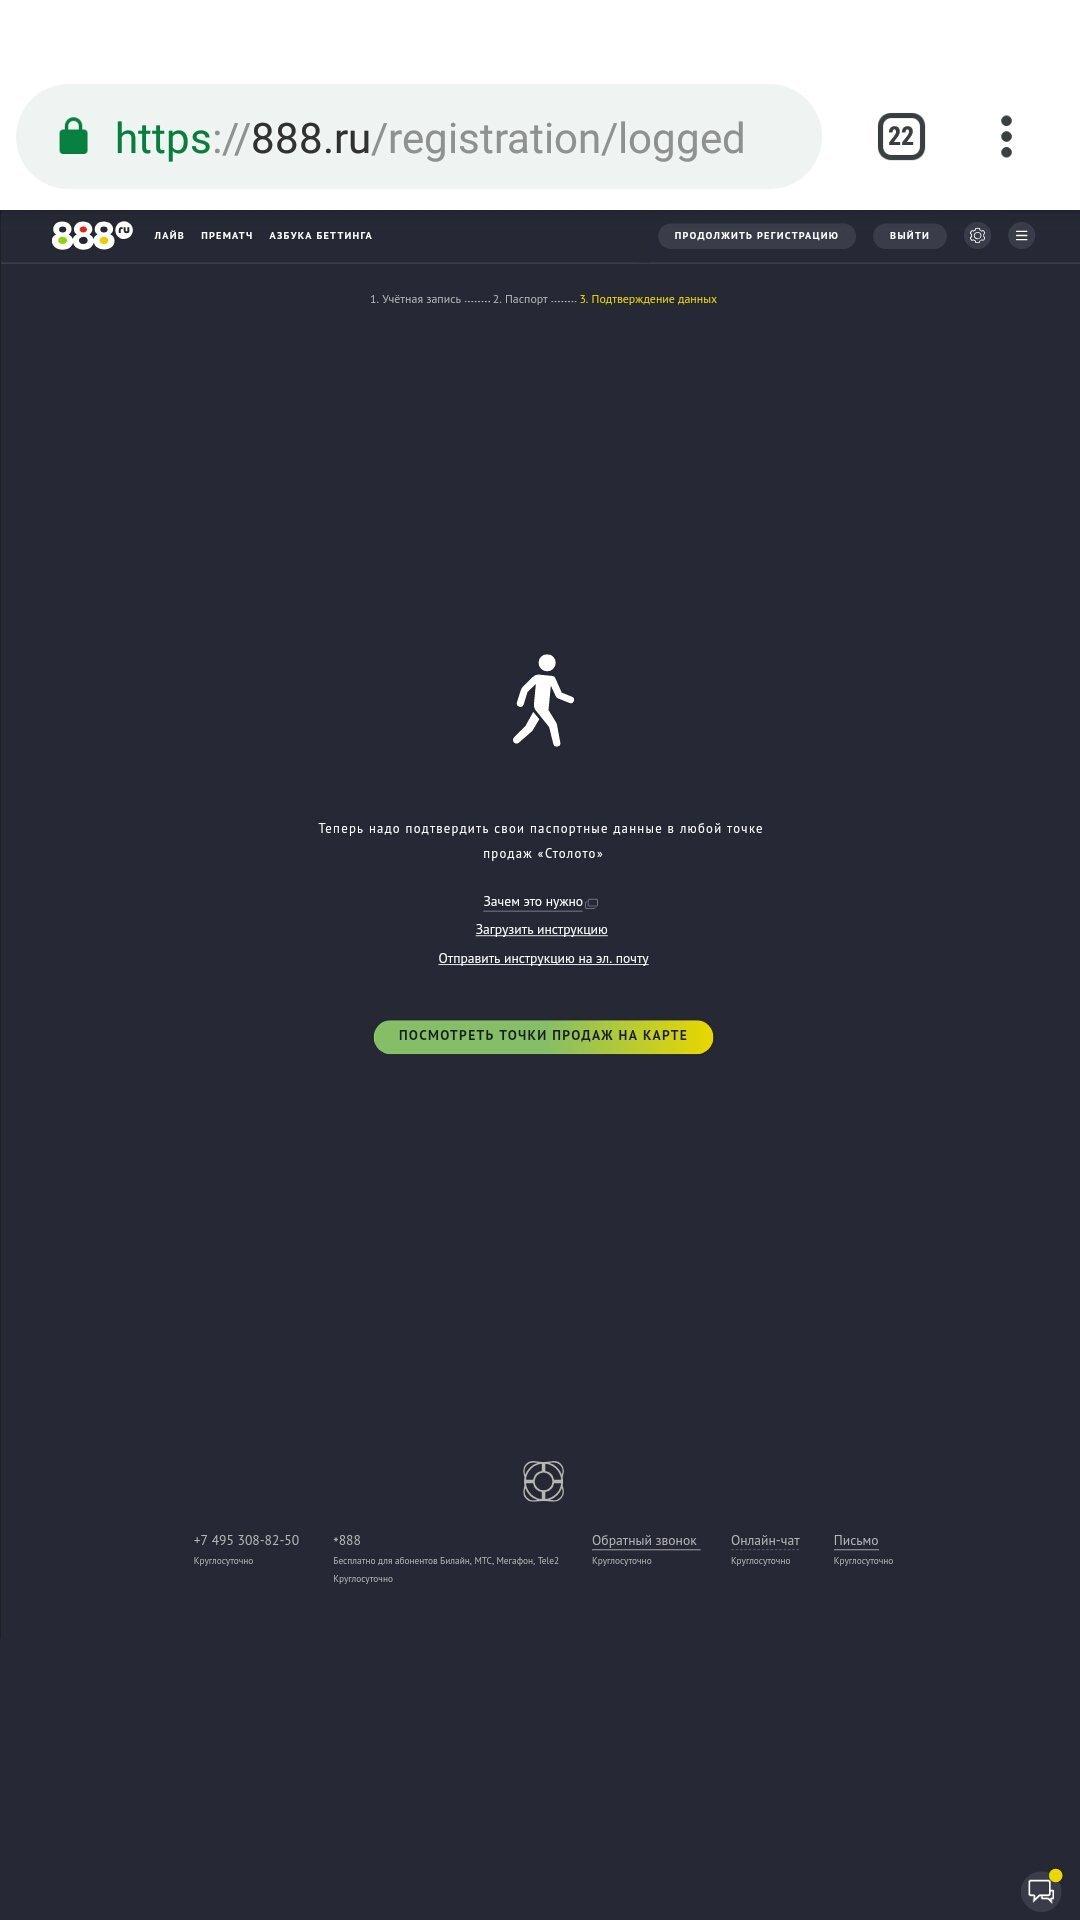 Фрибет-бонус от БК Бетсити